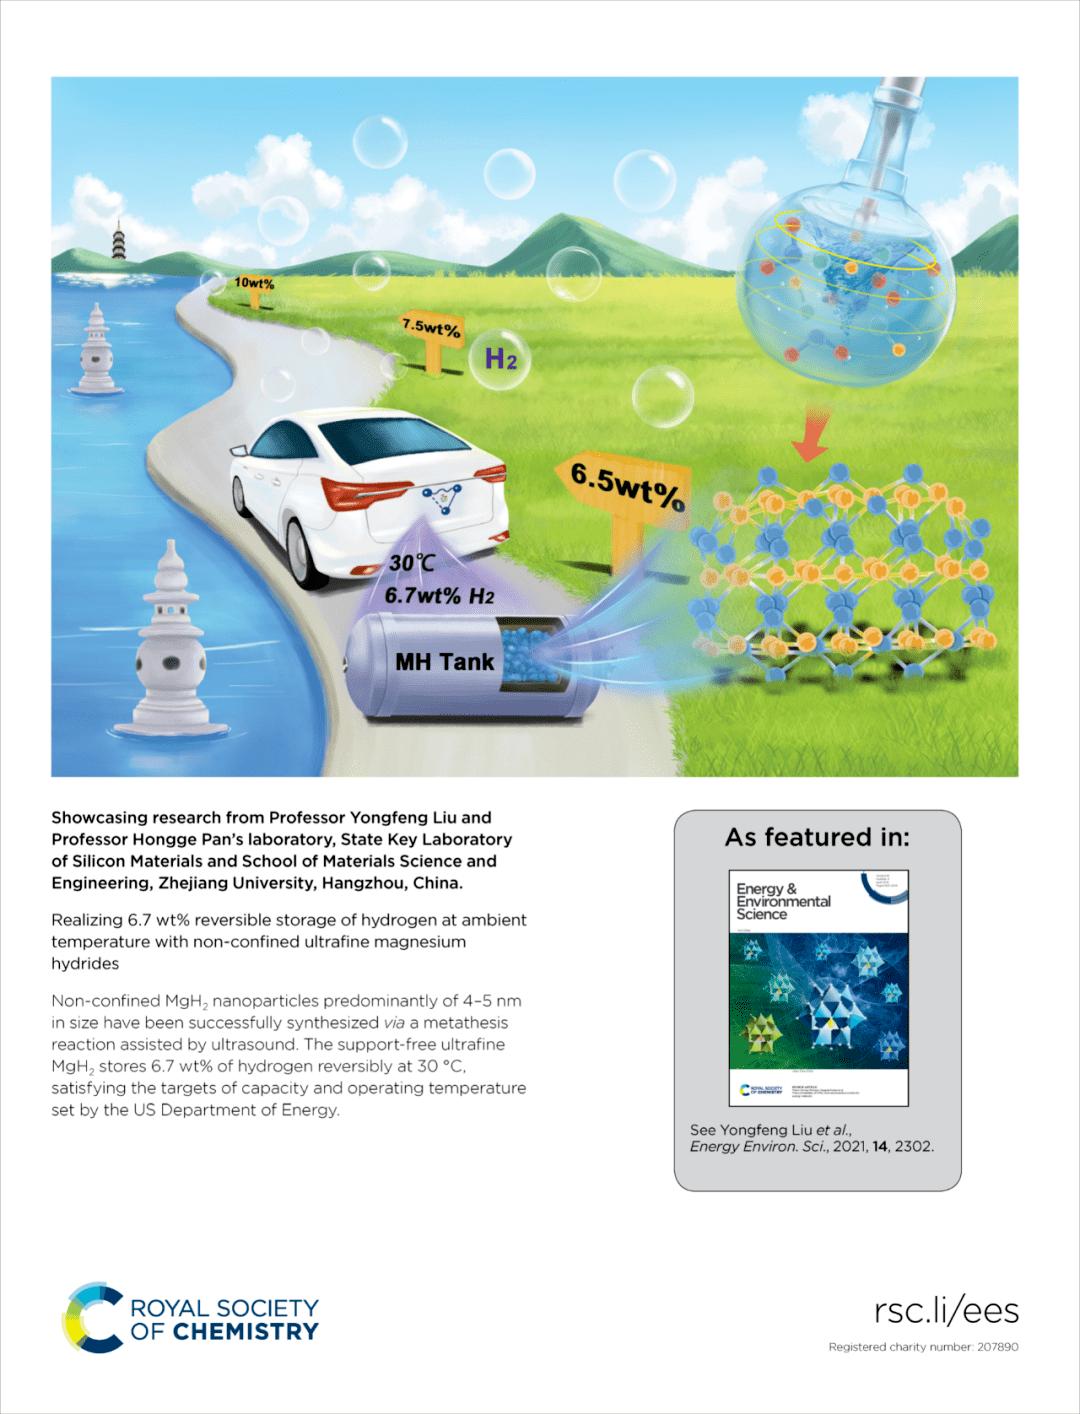 浙江大学刘永锋教授:超声驱动的无负载(非限域)超细纳米氢化镁合成新方法